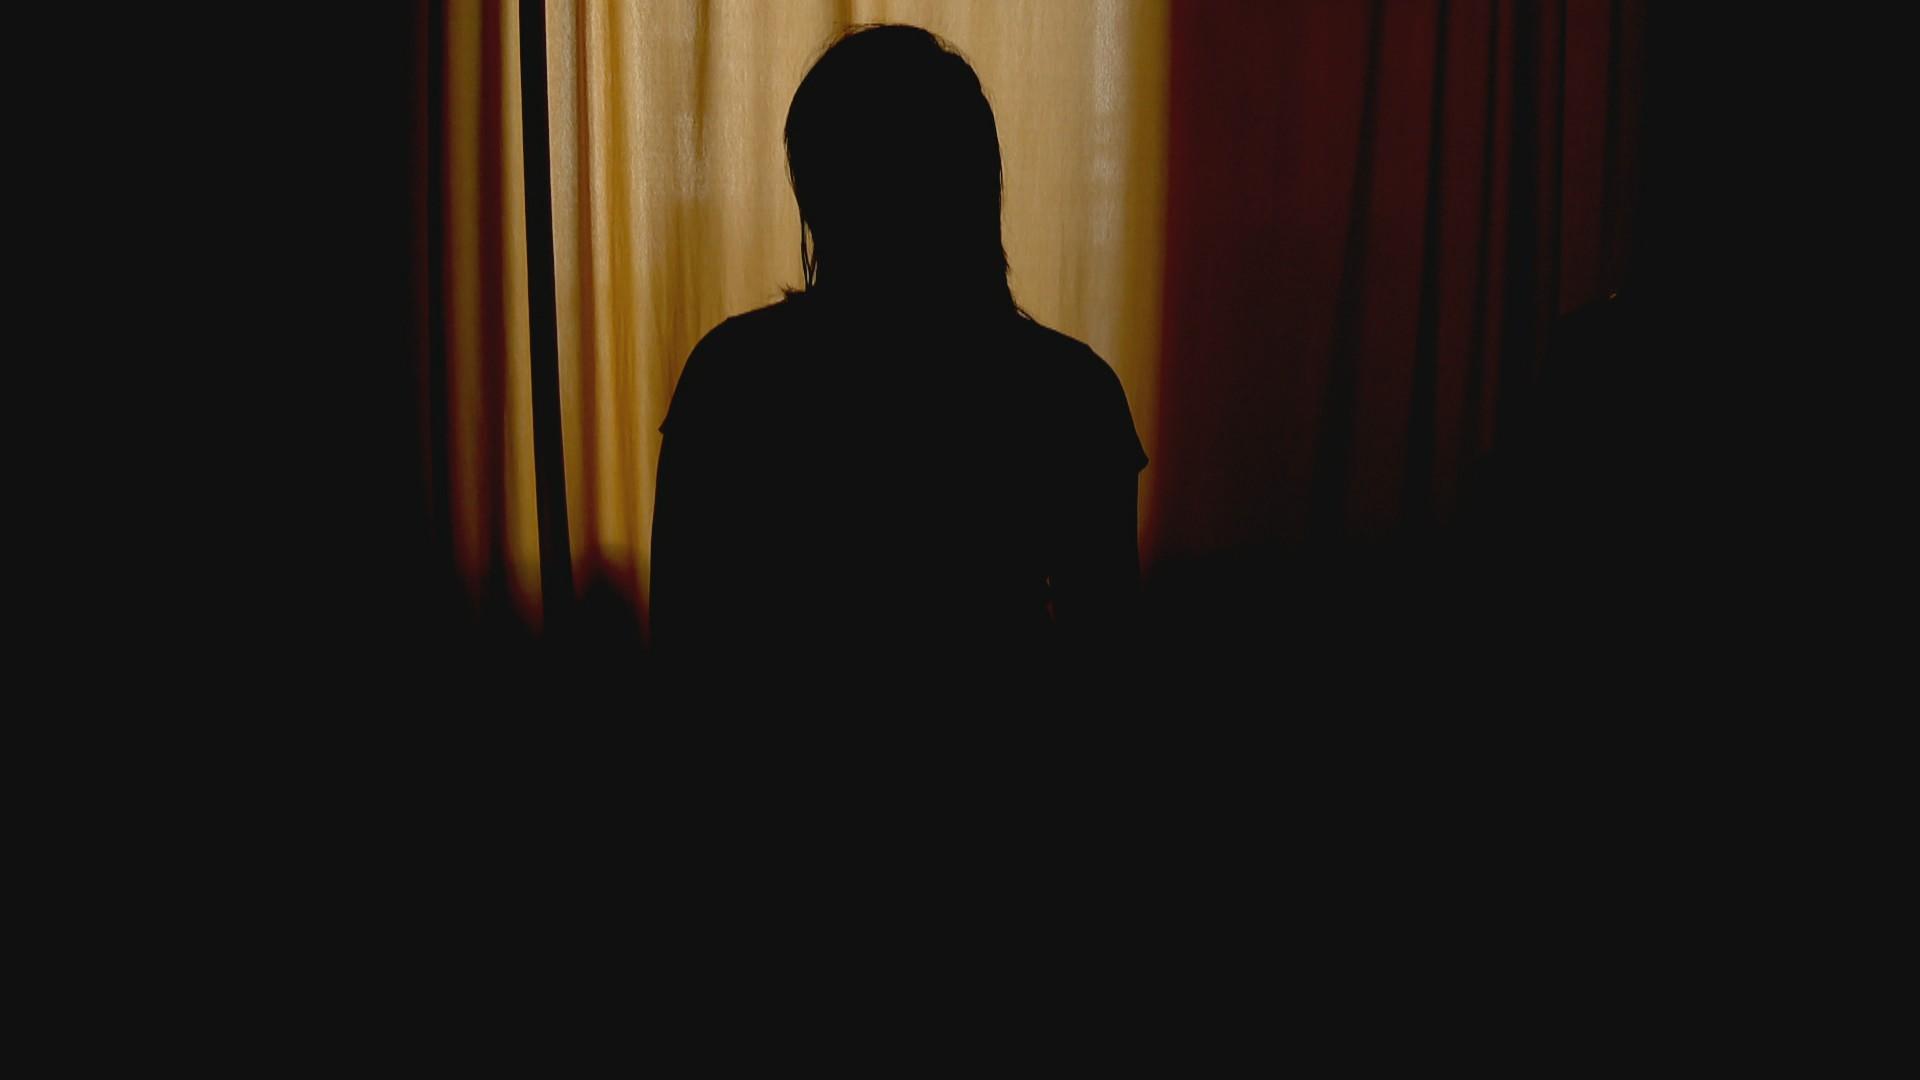 Homem é investigado suspeito de estuprar sogra de 77 anos em São Gonçalo do Gurguéia